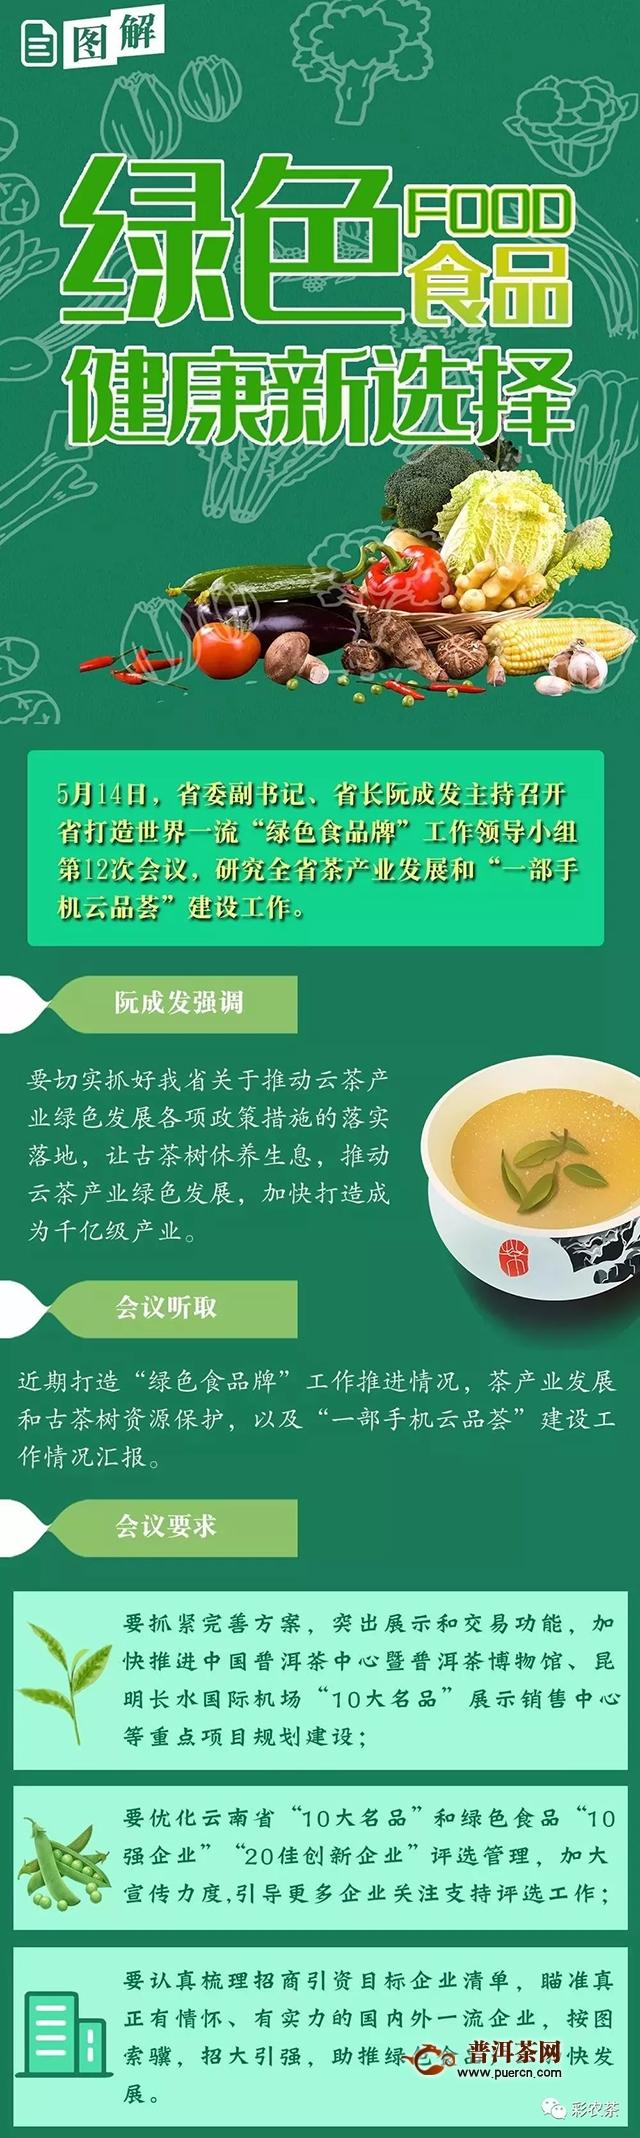 阮成发:让古茶树休养生息推动云茶产业绿色发展